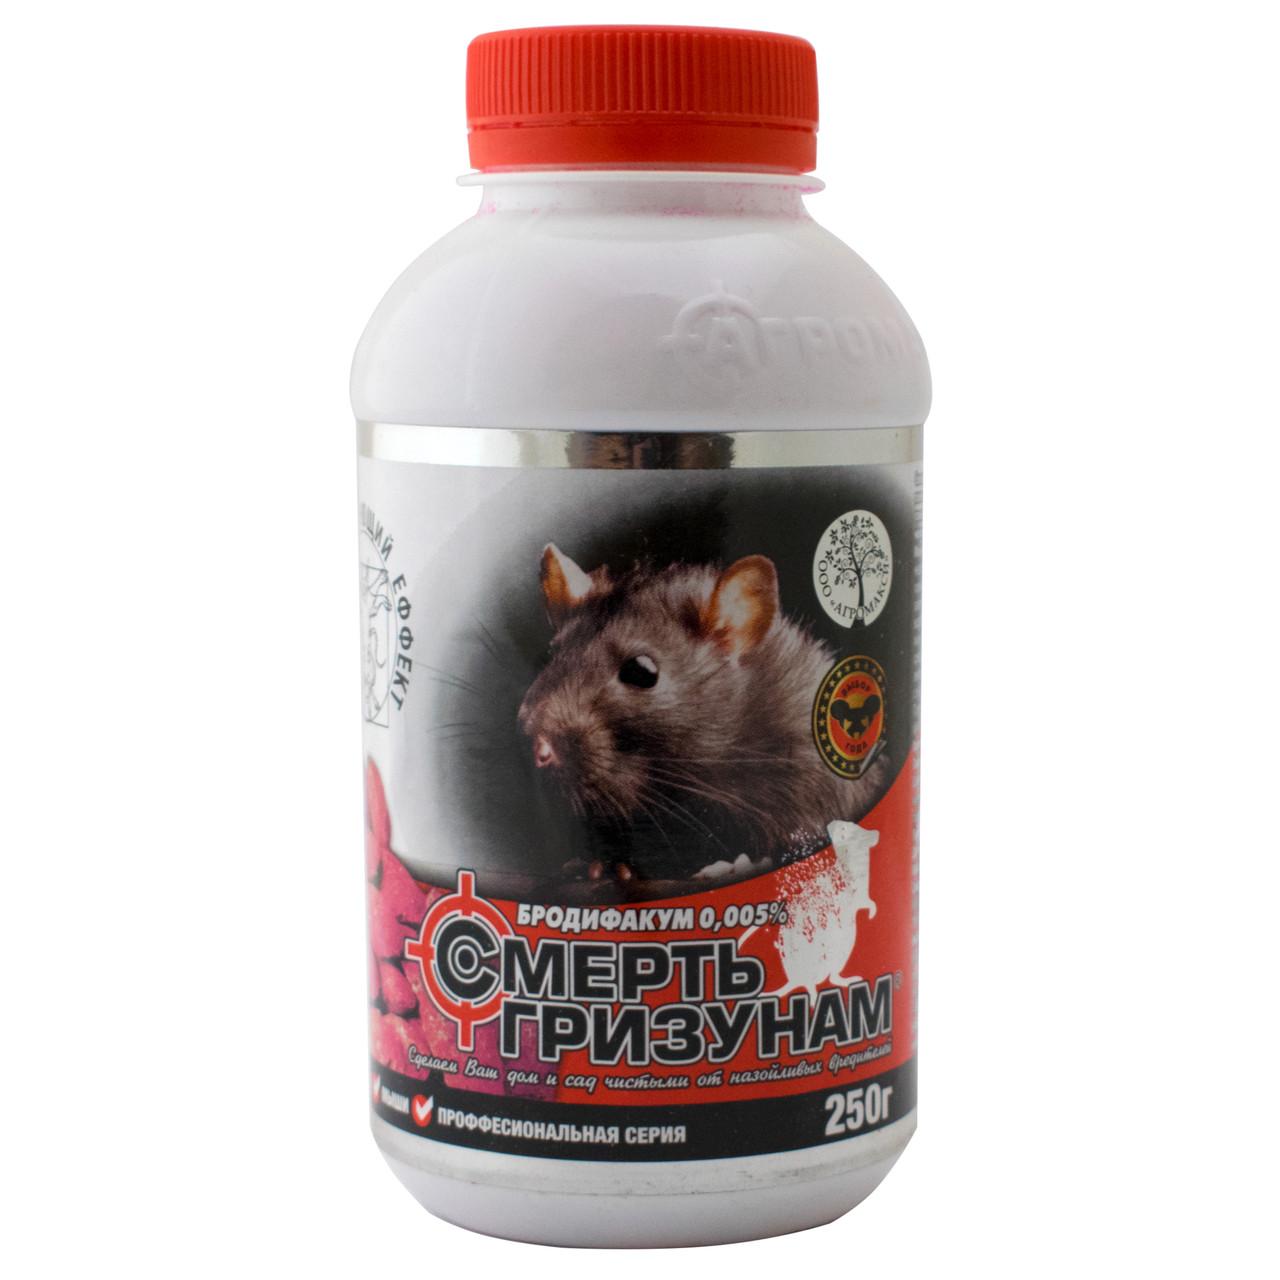 Восковые таблетки от крыс и мышей Смерть грызунам Perfect 250 г